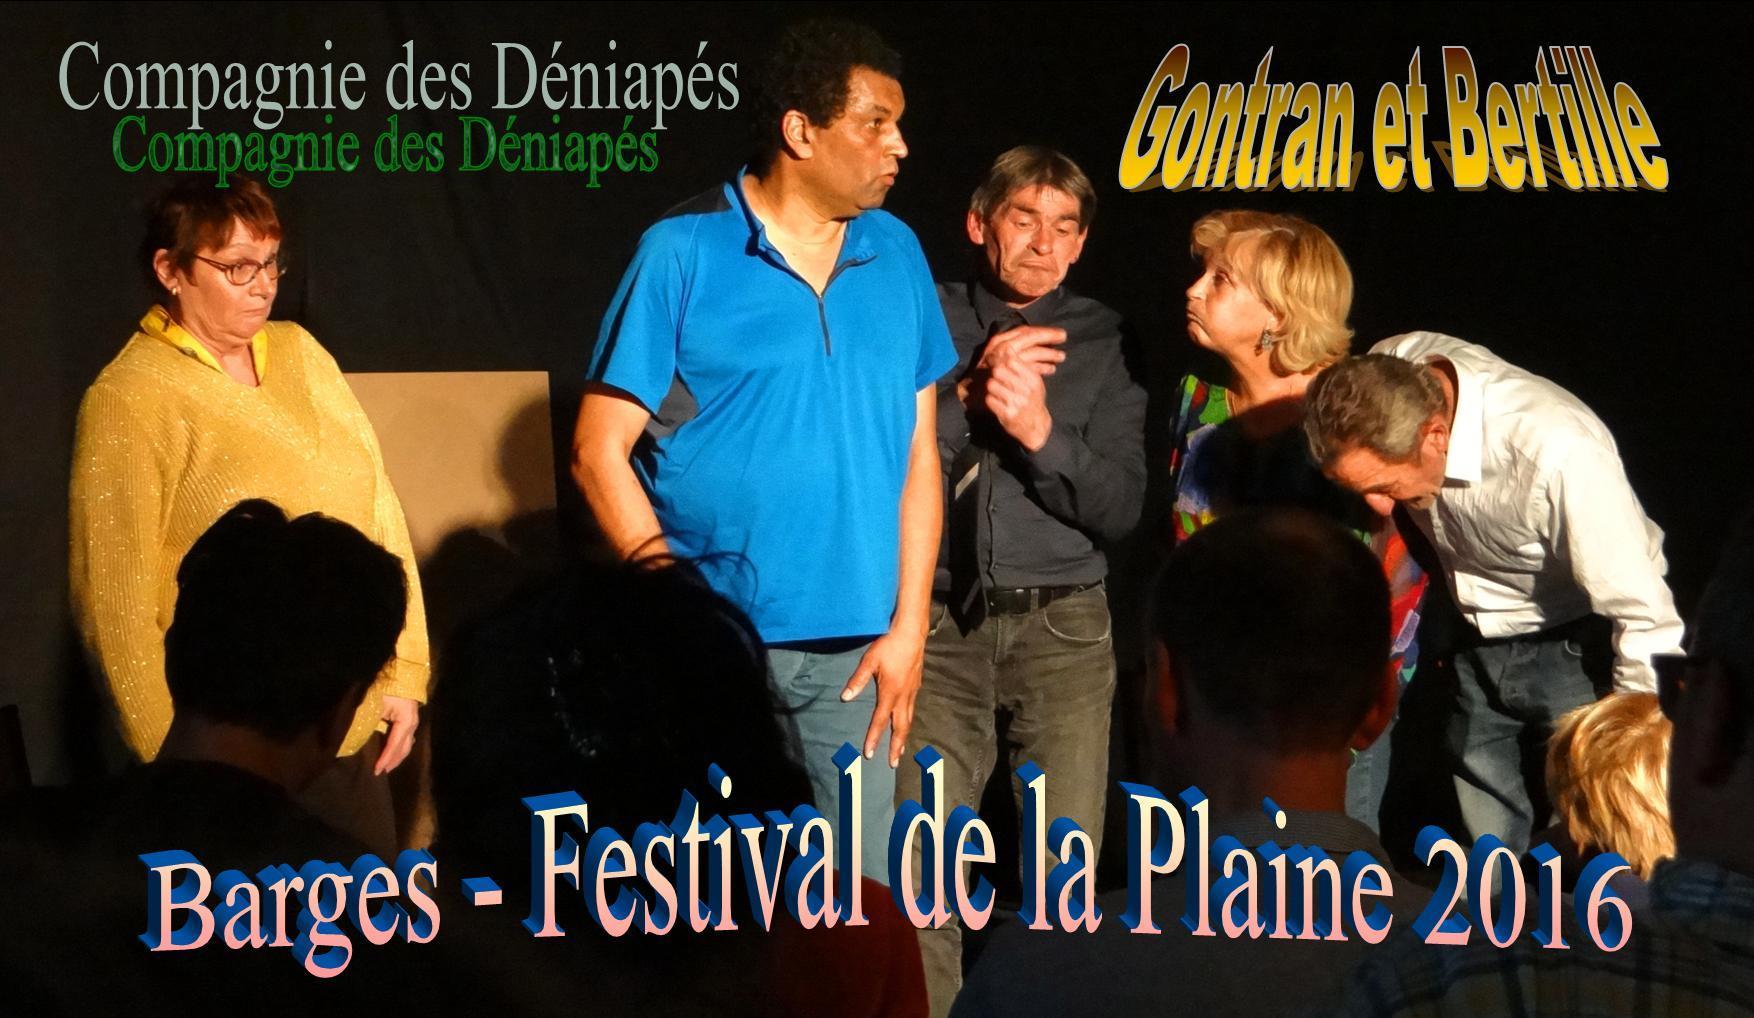 Gontran et Bertille au Festival de la Plaine 2016 - 01.jpg